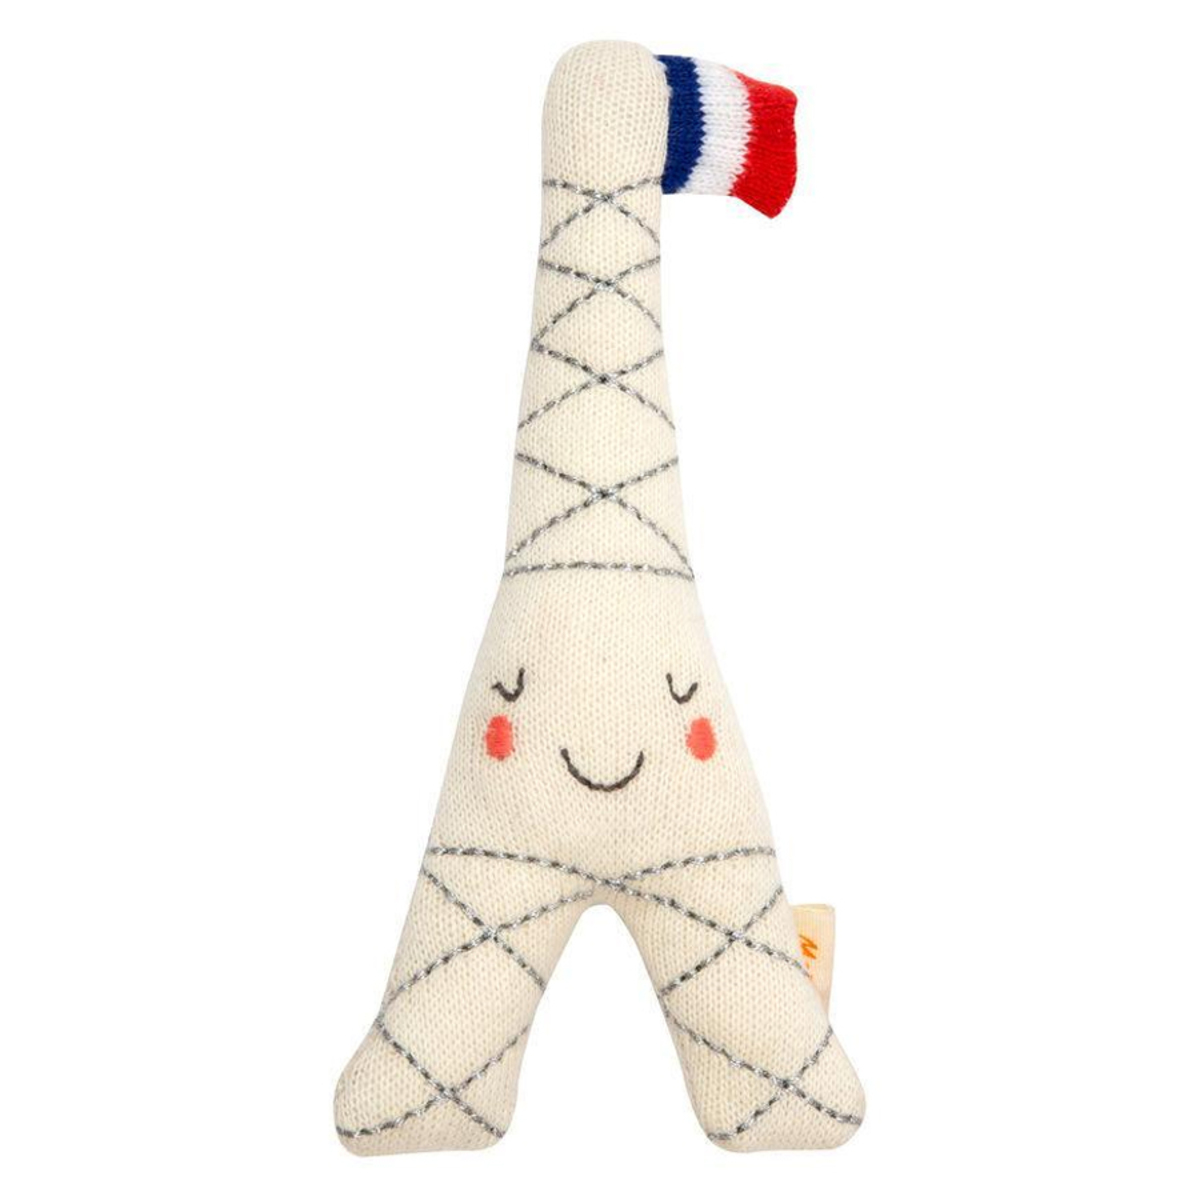 Hochet tour Eiffel Meri Meri